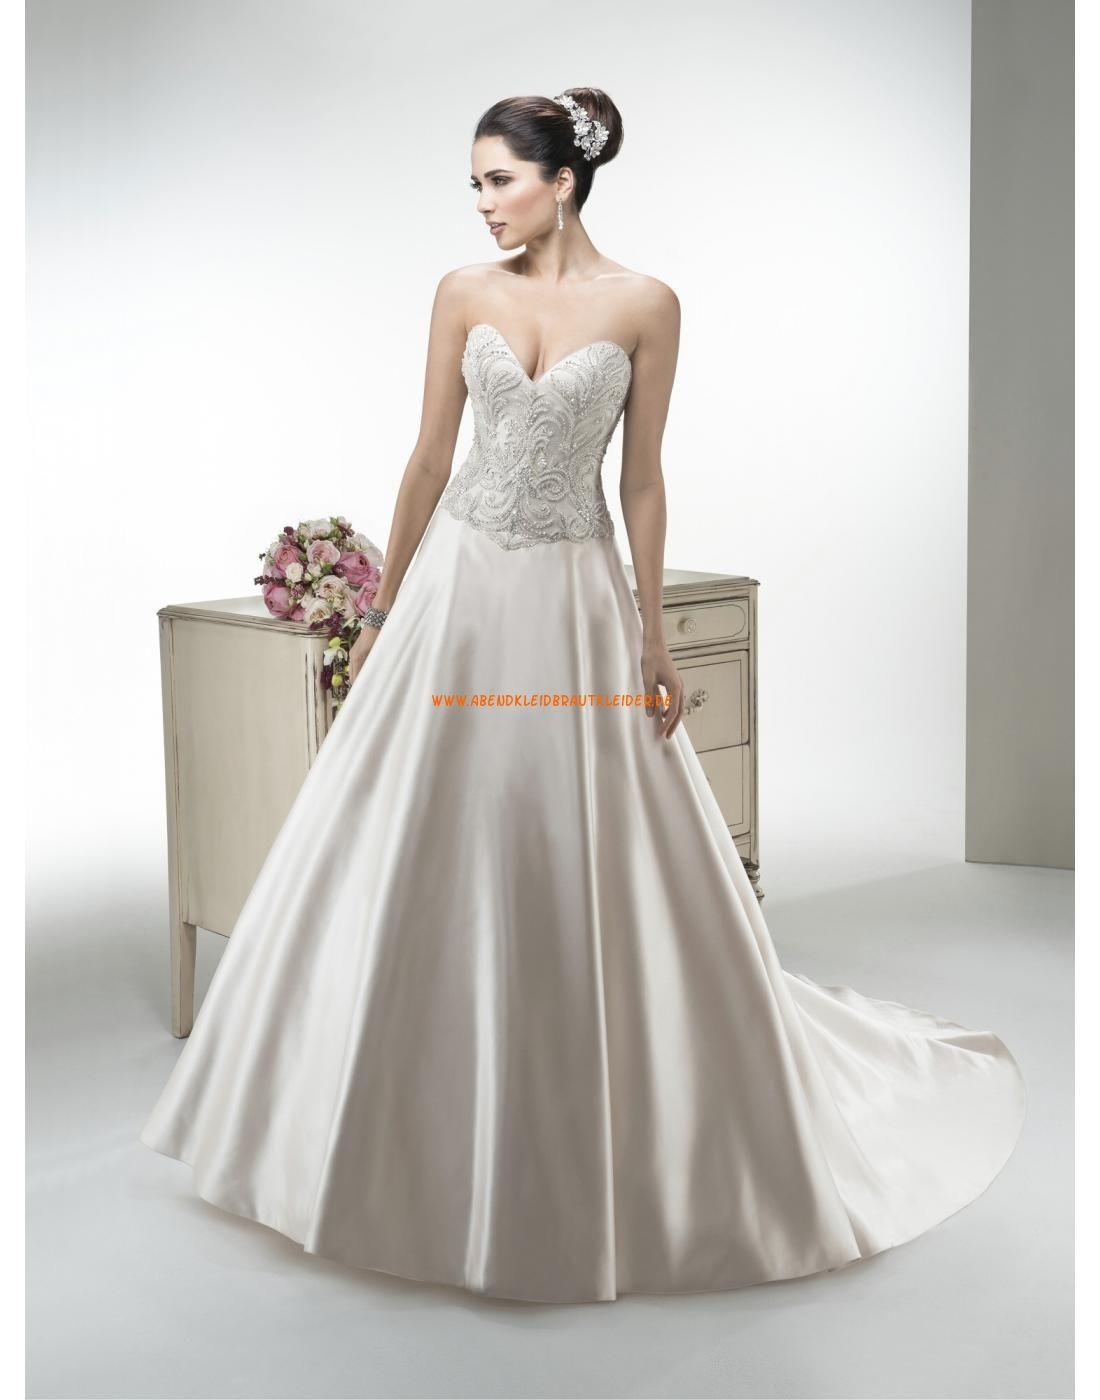 Maggie Sottero A-linie Ausgefallene Exklusive Brautkleider aus Taft ...